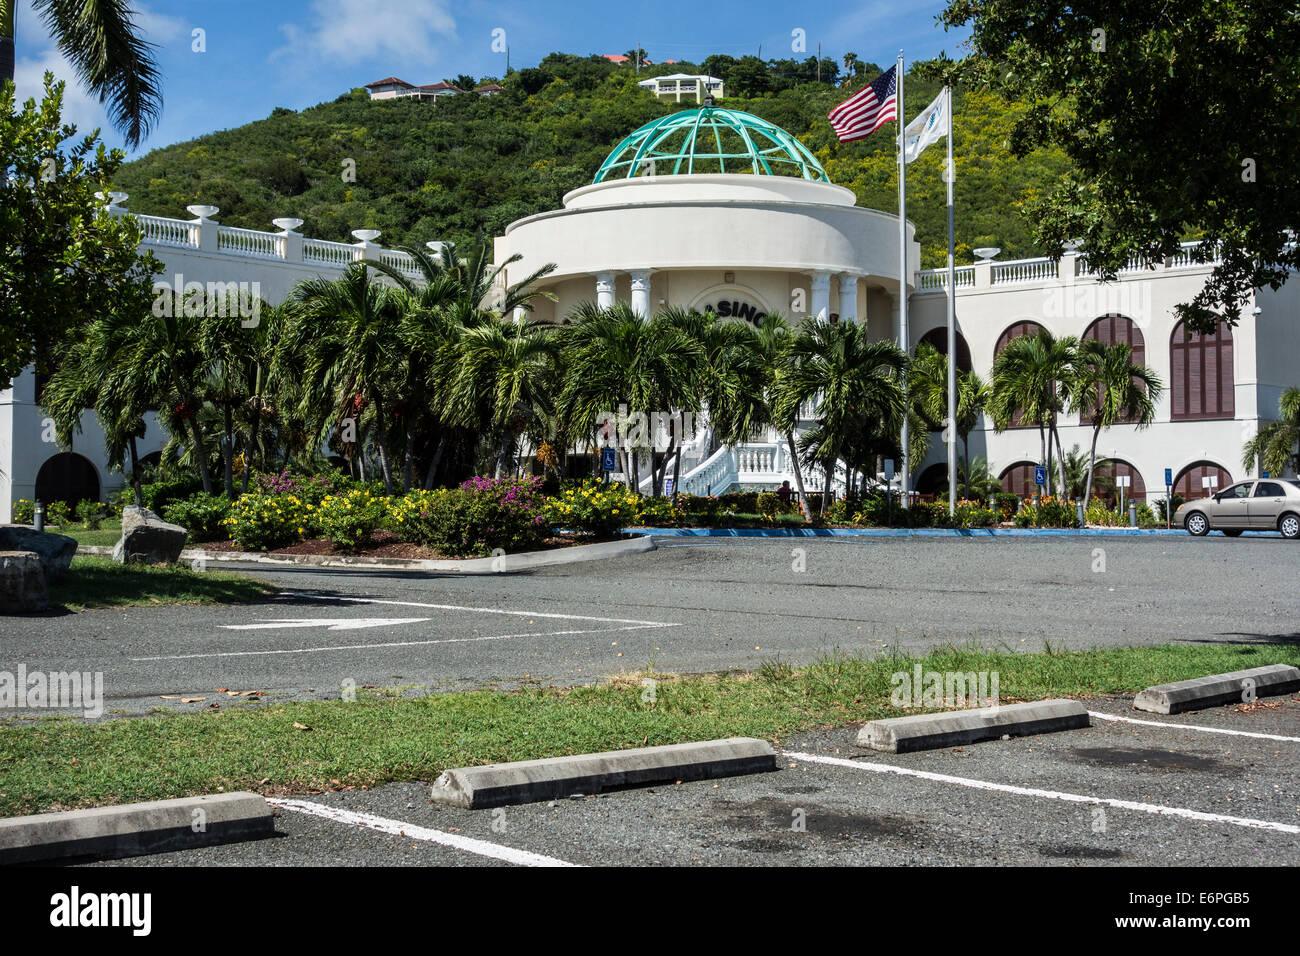 Virgin island casinos lillet casino